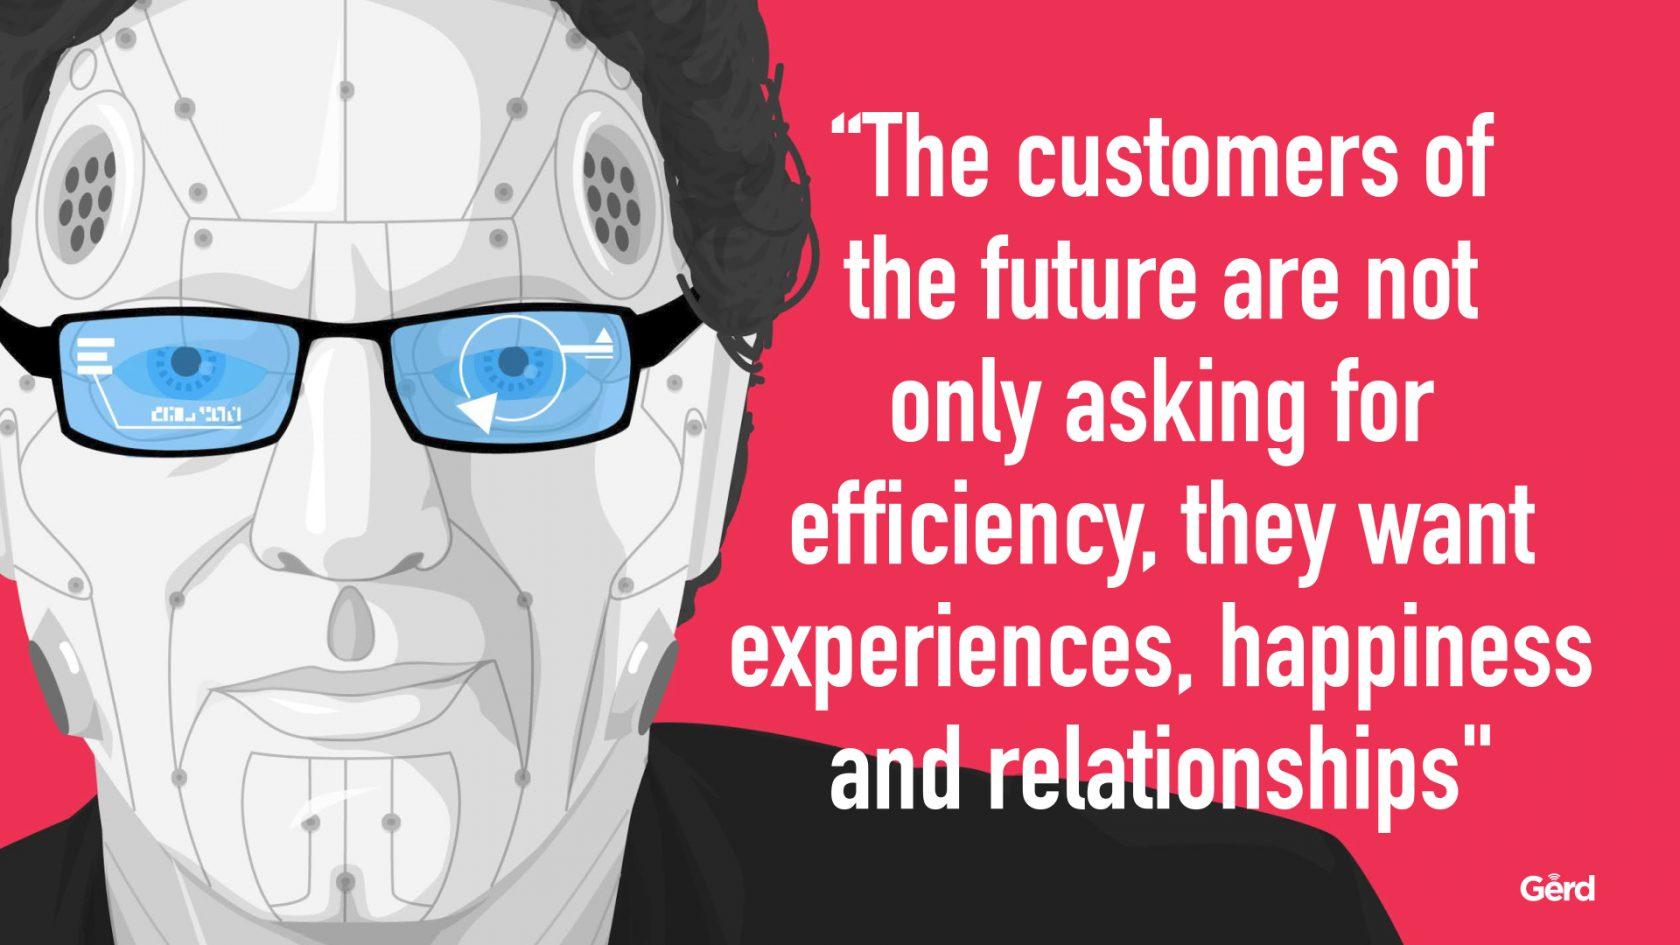 Hoe cruciaal is beleving voor je merk? - www.morethanmayo.com/beleving-voor-merk-cruciaal | image: Customers want experience, source: futuristgerd.com